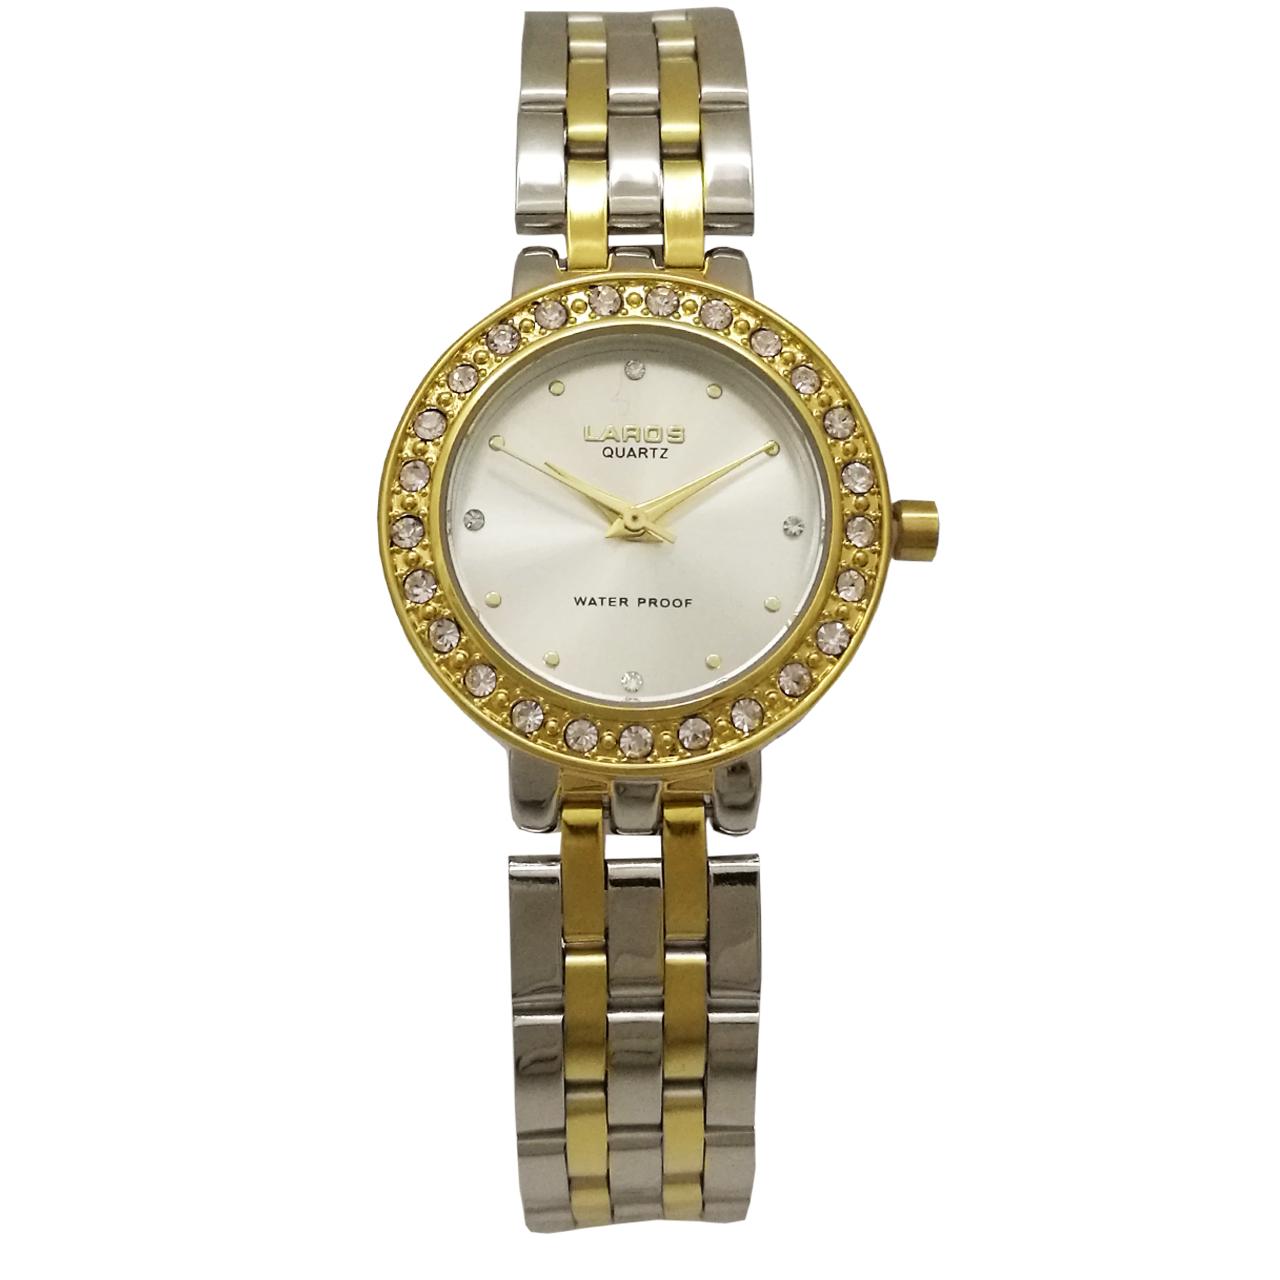 ساعت مچی عقربه ای زنانه لاروس مدل 1117-80122 7